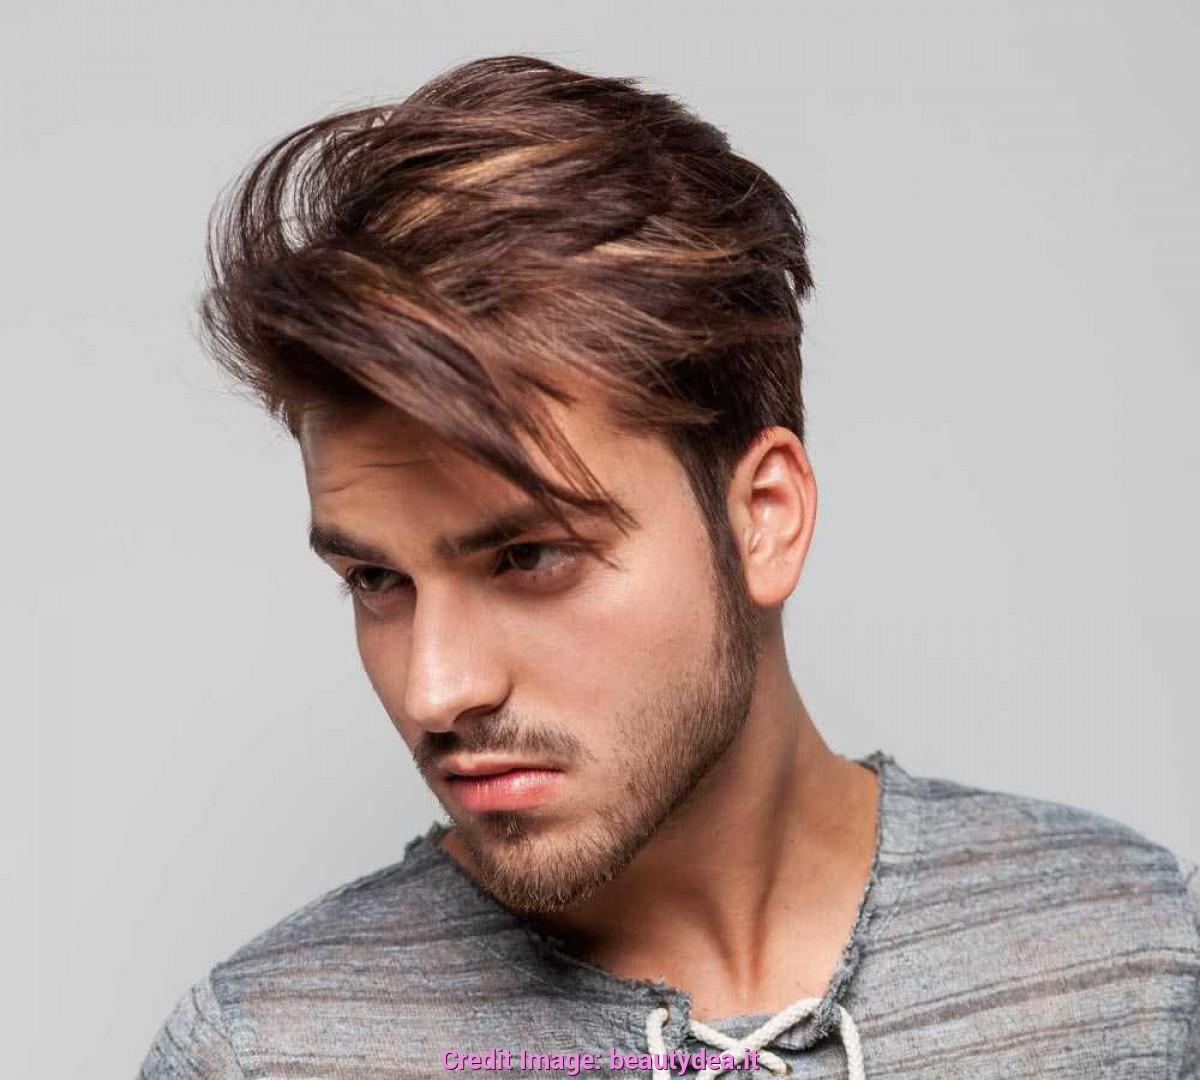 Abbonamento a 5 shampoo e taglio UOMO - Mani nei capelli ...